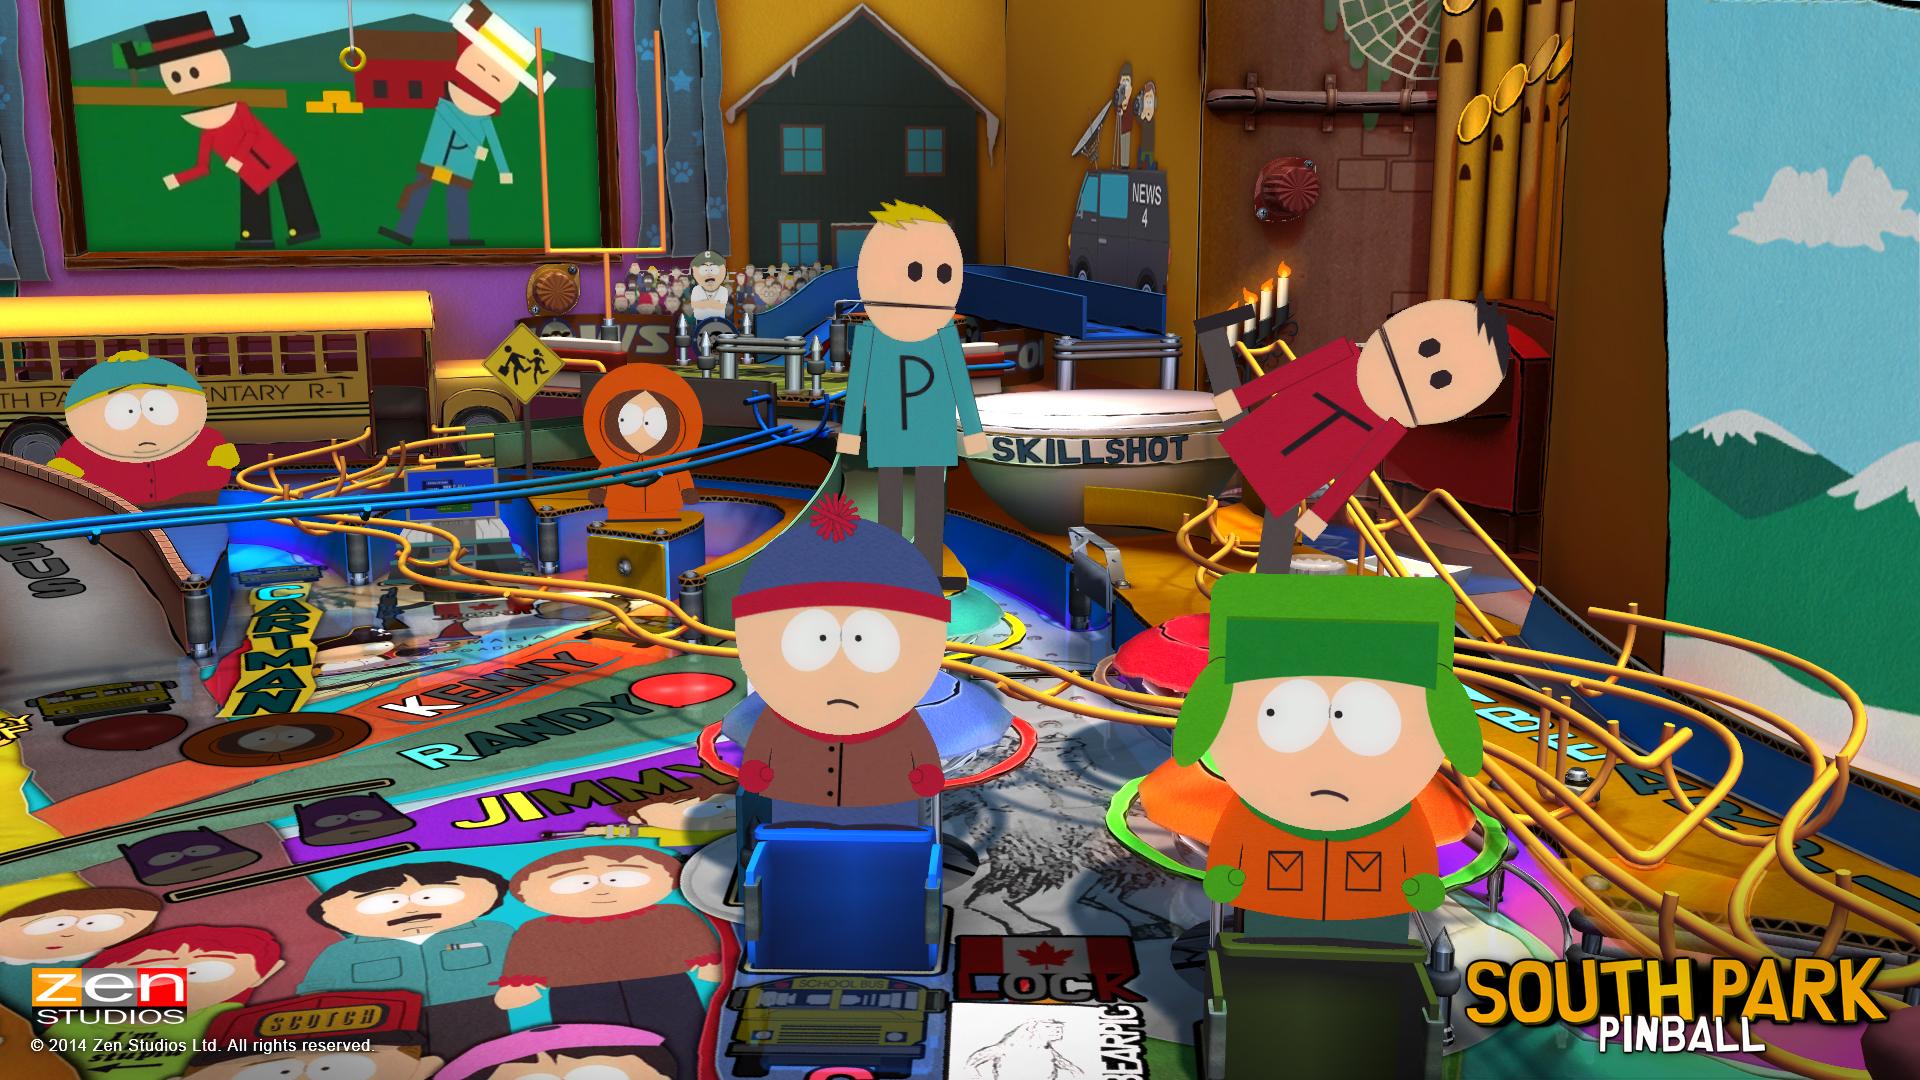 Zen Pinball South Park Super Sweet Pinball Review Screenshot 4